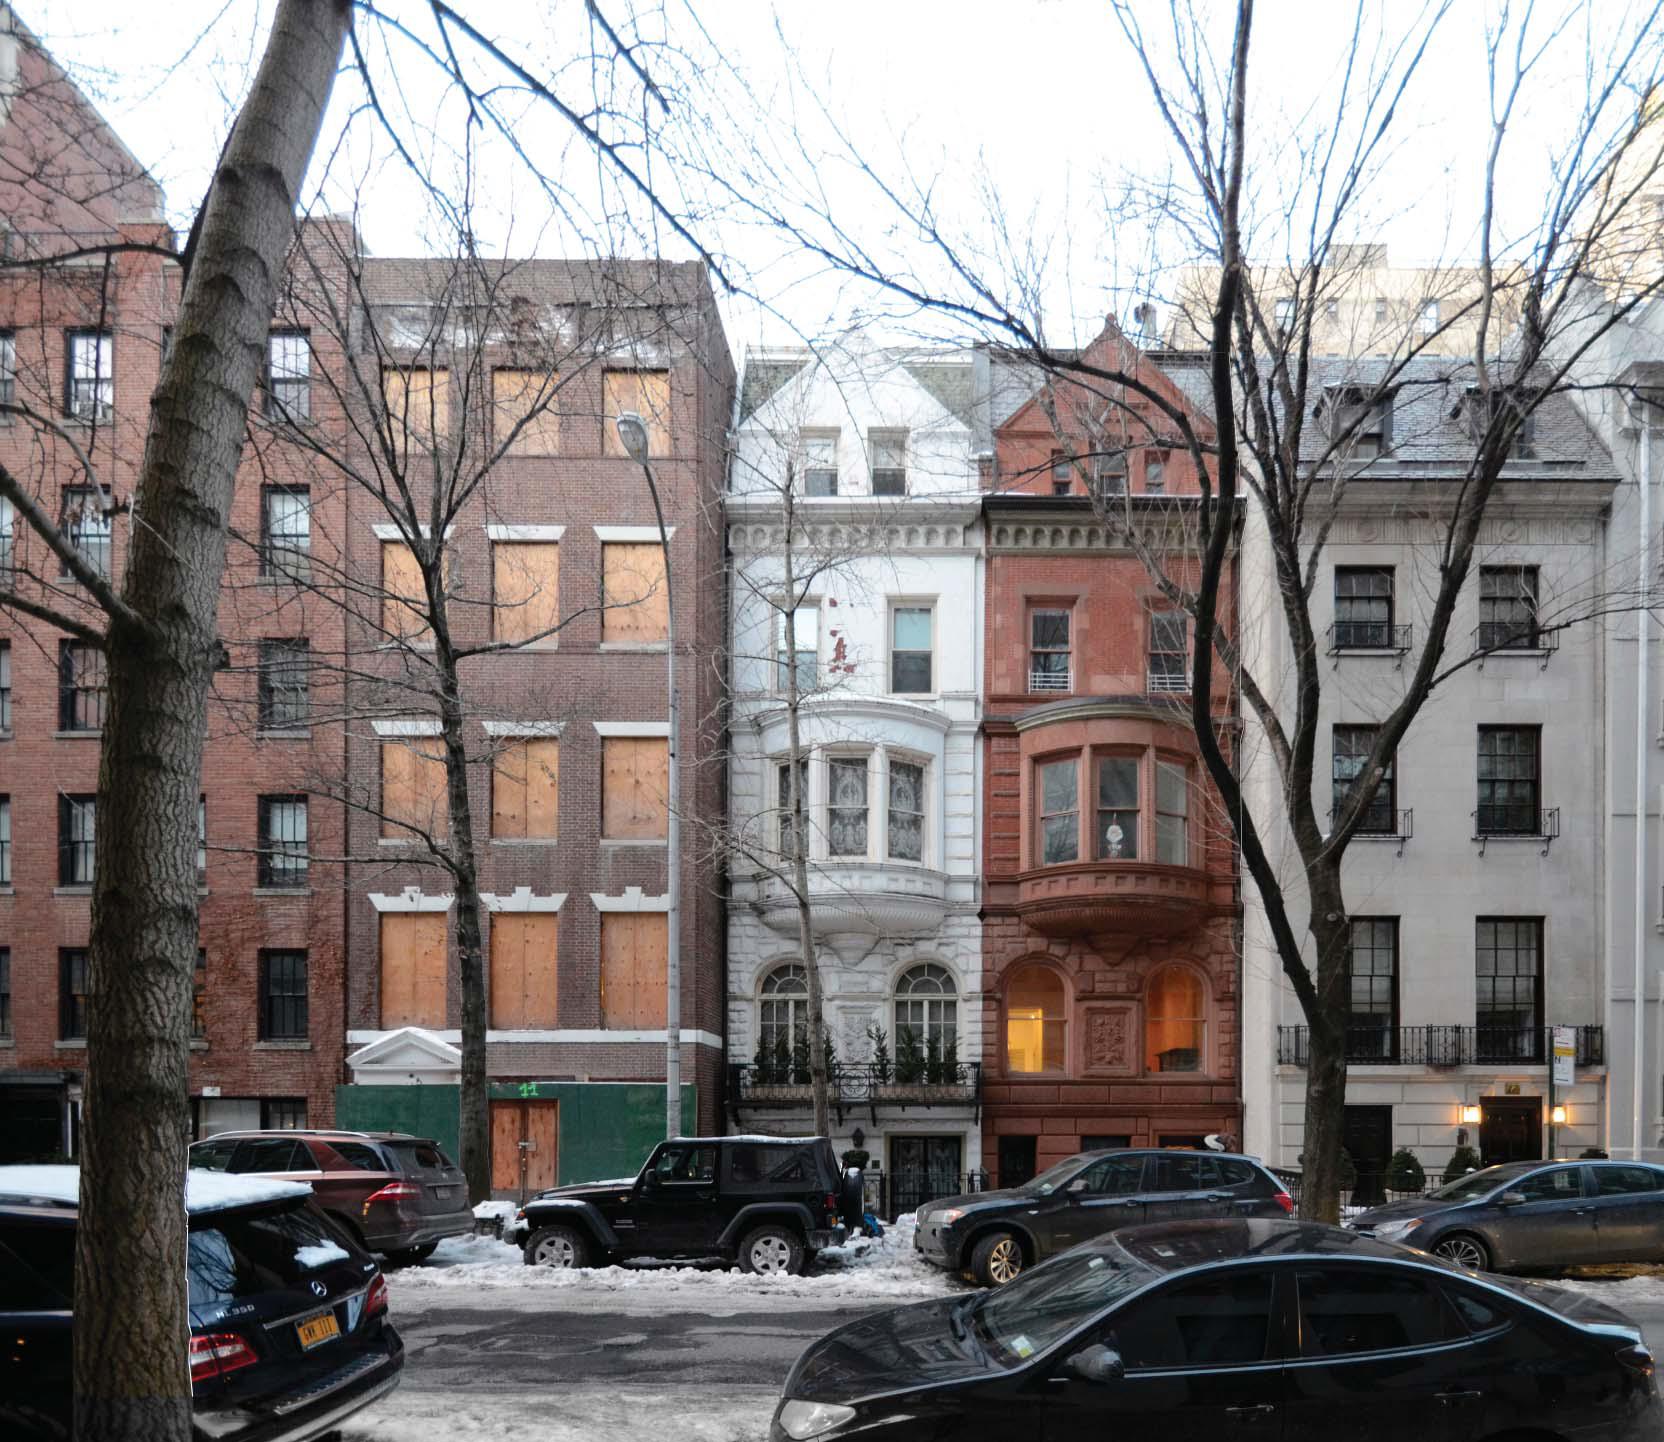 Landmarks Unreceptive to Mega-Mansion Proposed for 11-15